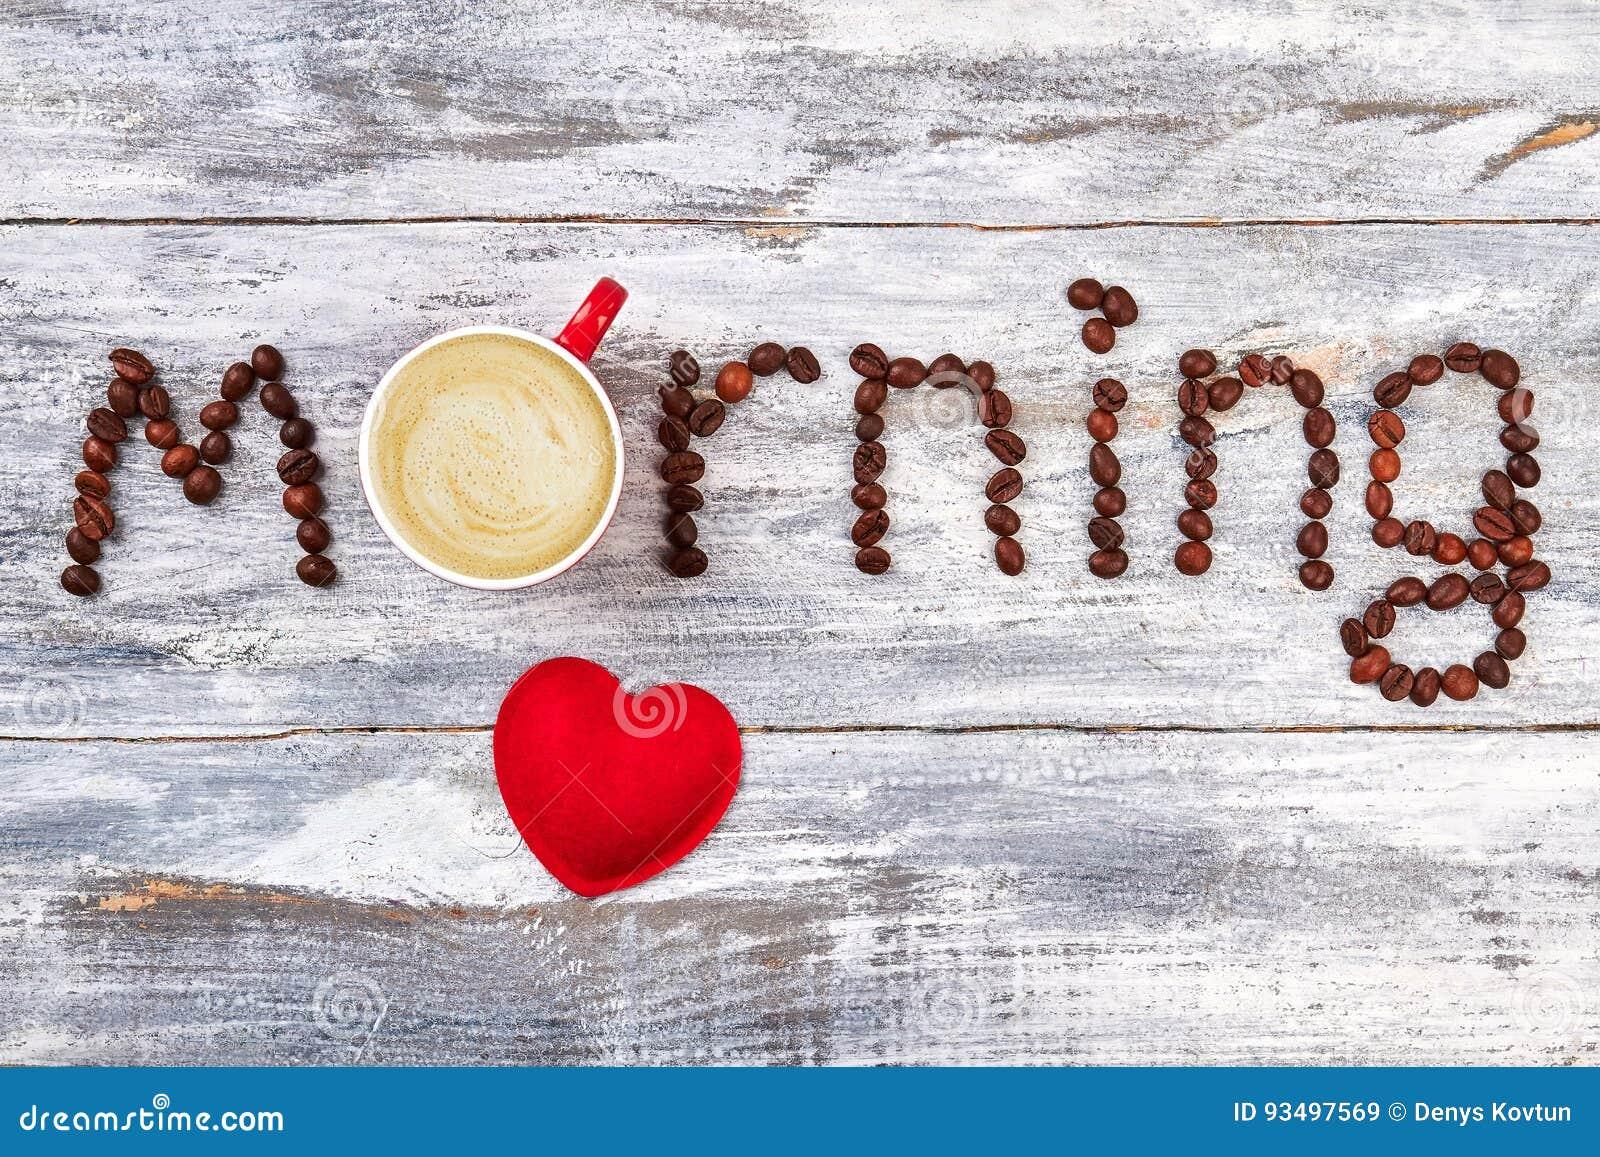 Kaffeegetränke- Und -ROTherz Stockbild - Bild von cappuccino, korn ...